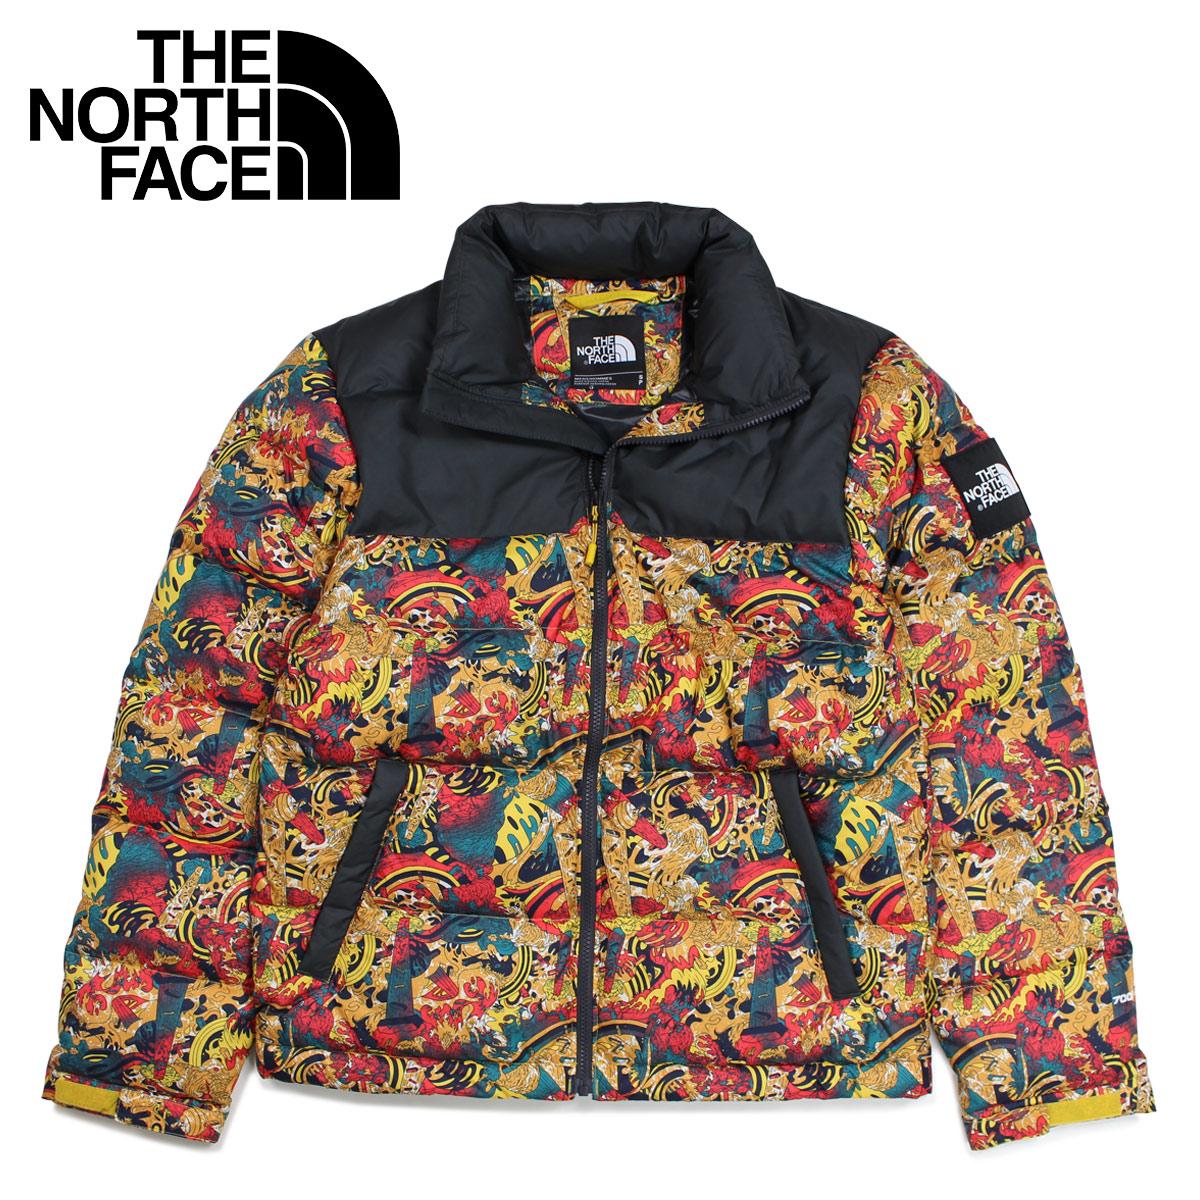 THE NORTH FACE ノースフェイス ダウン ヌプシ ジャケット メンズ レディース 1992 NUPTSE JACKET マルチカラー T92ZWE9XP [4/3 新入荷]